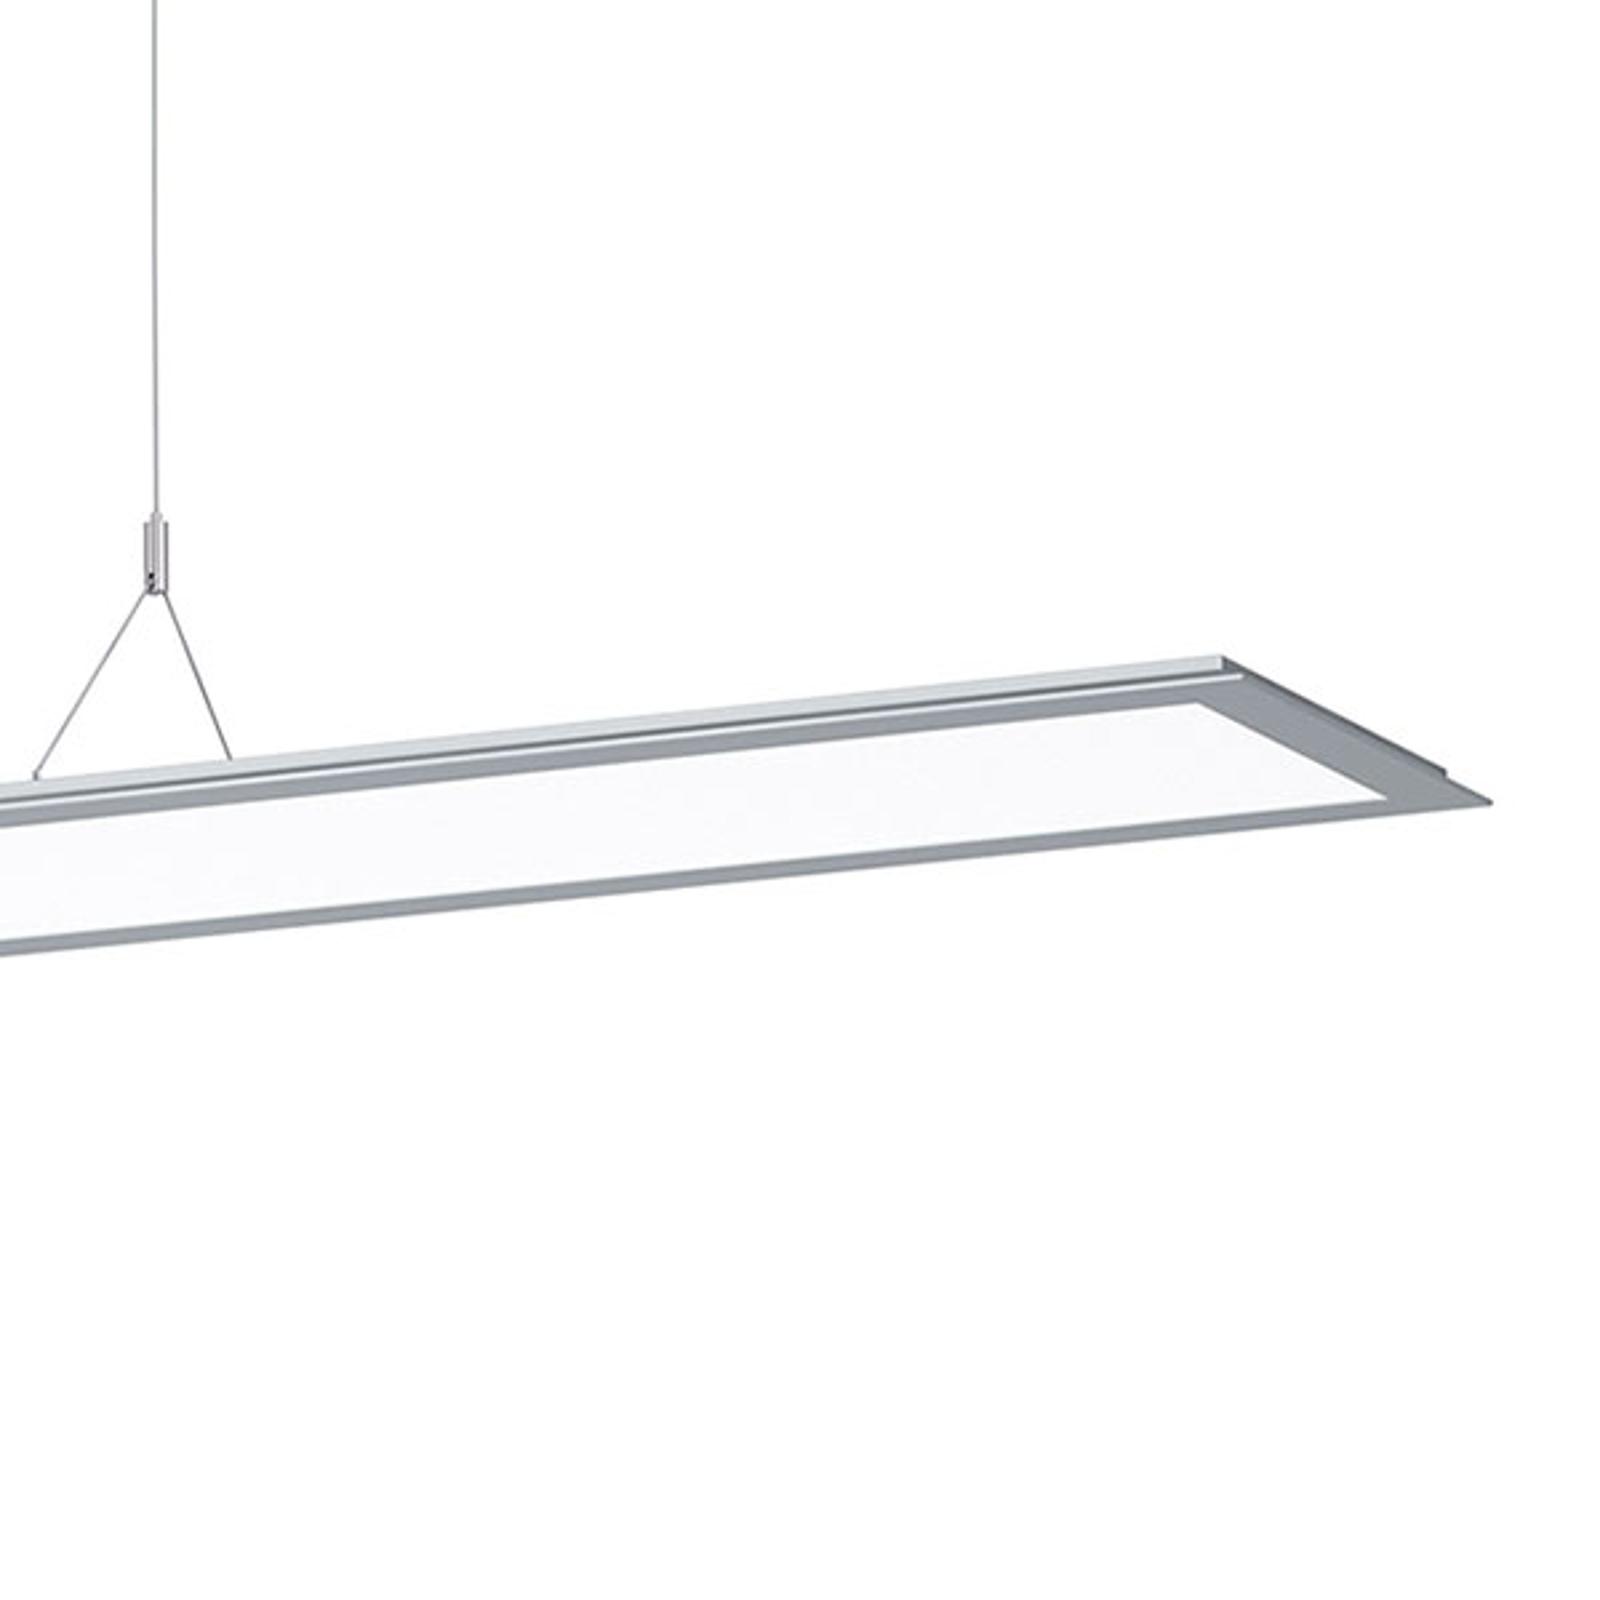 LED-riippuvalo SL713PL 124cm DALI, 9250 lm harmaa